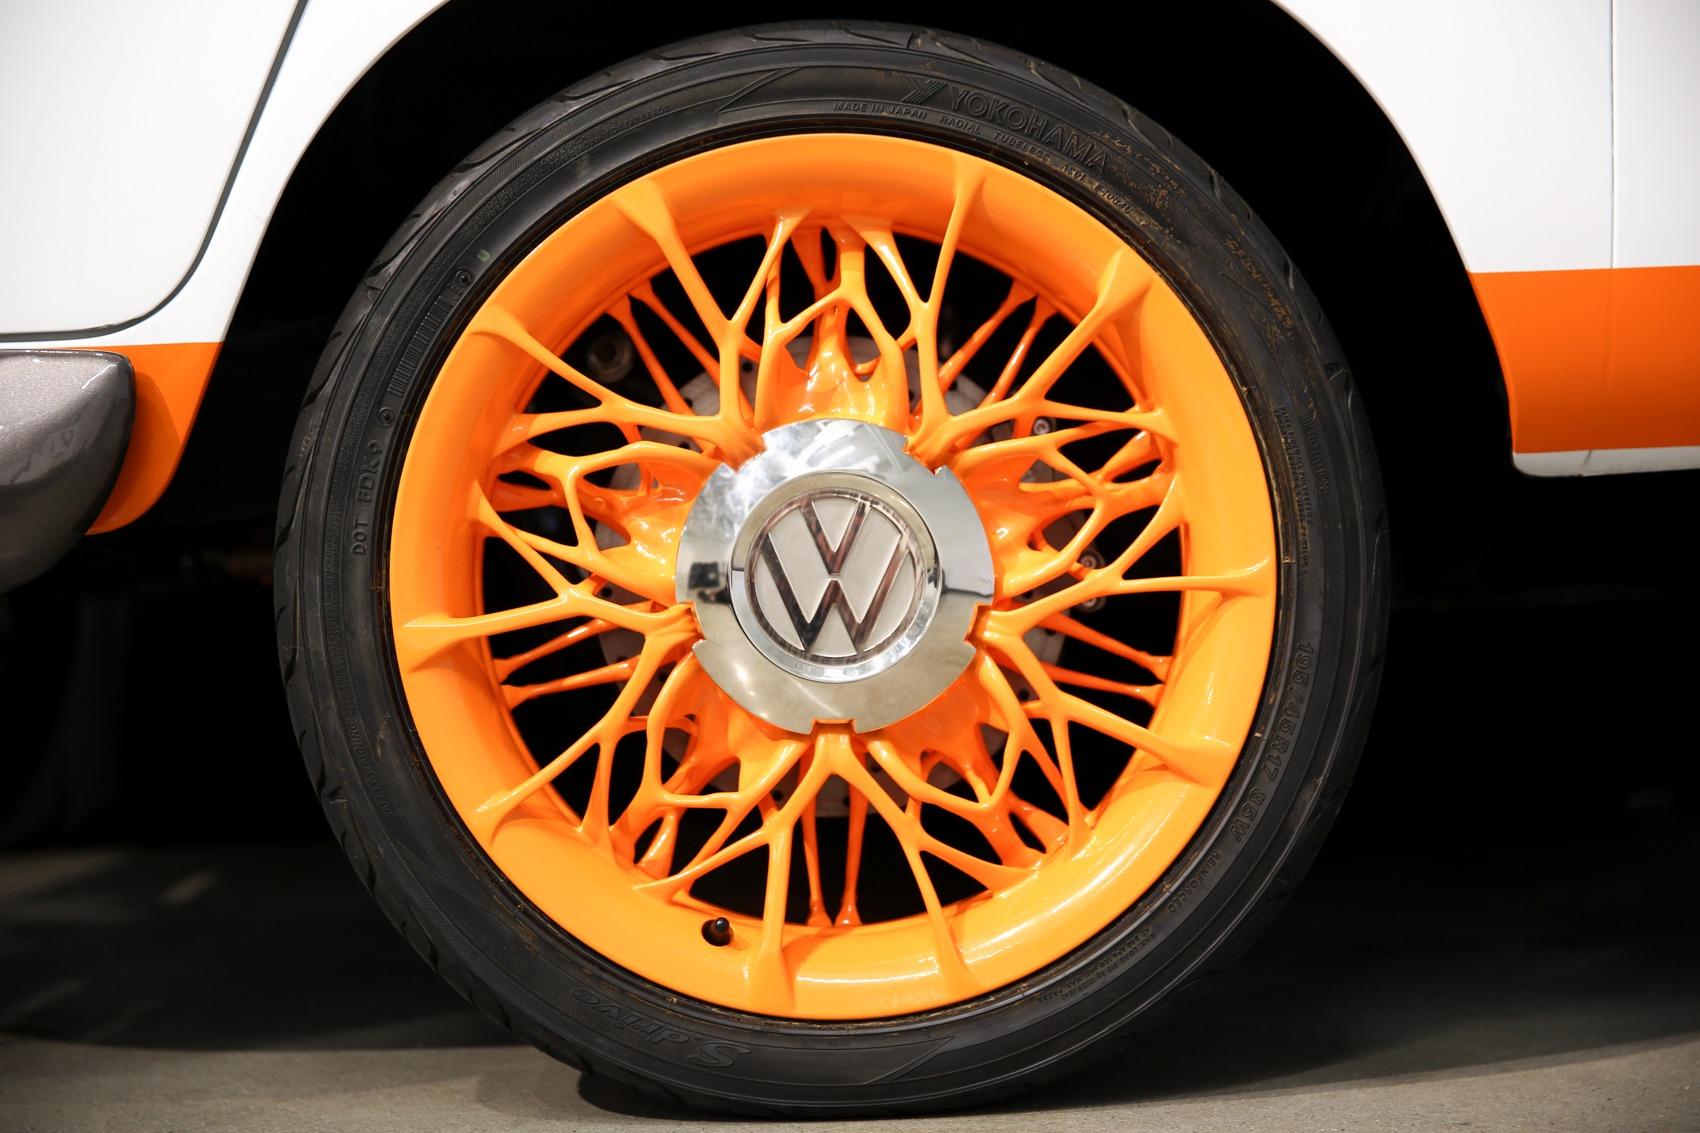 Аддитивное производство автокомпонентов в Volkswagen